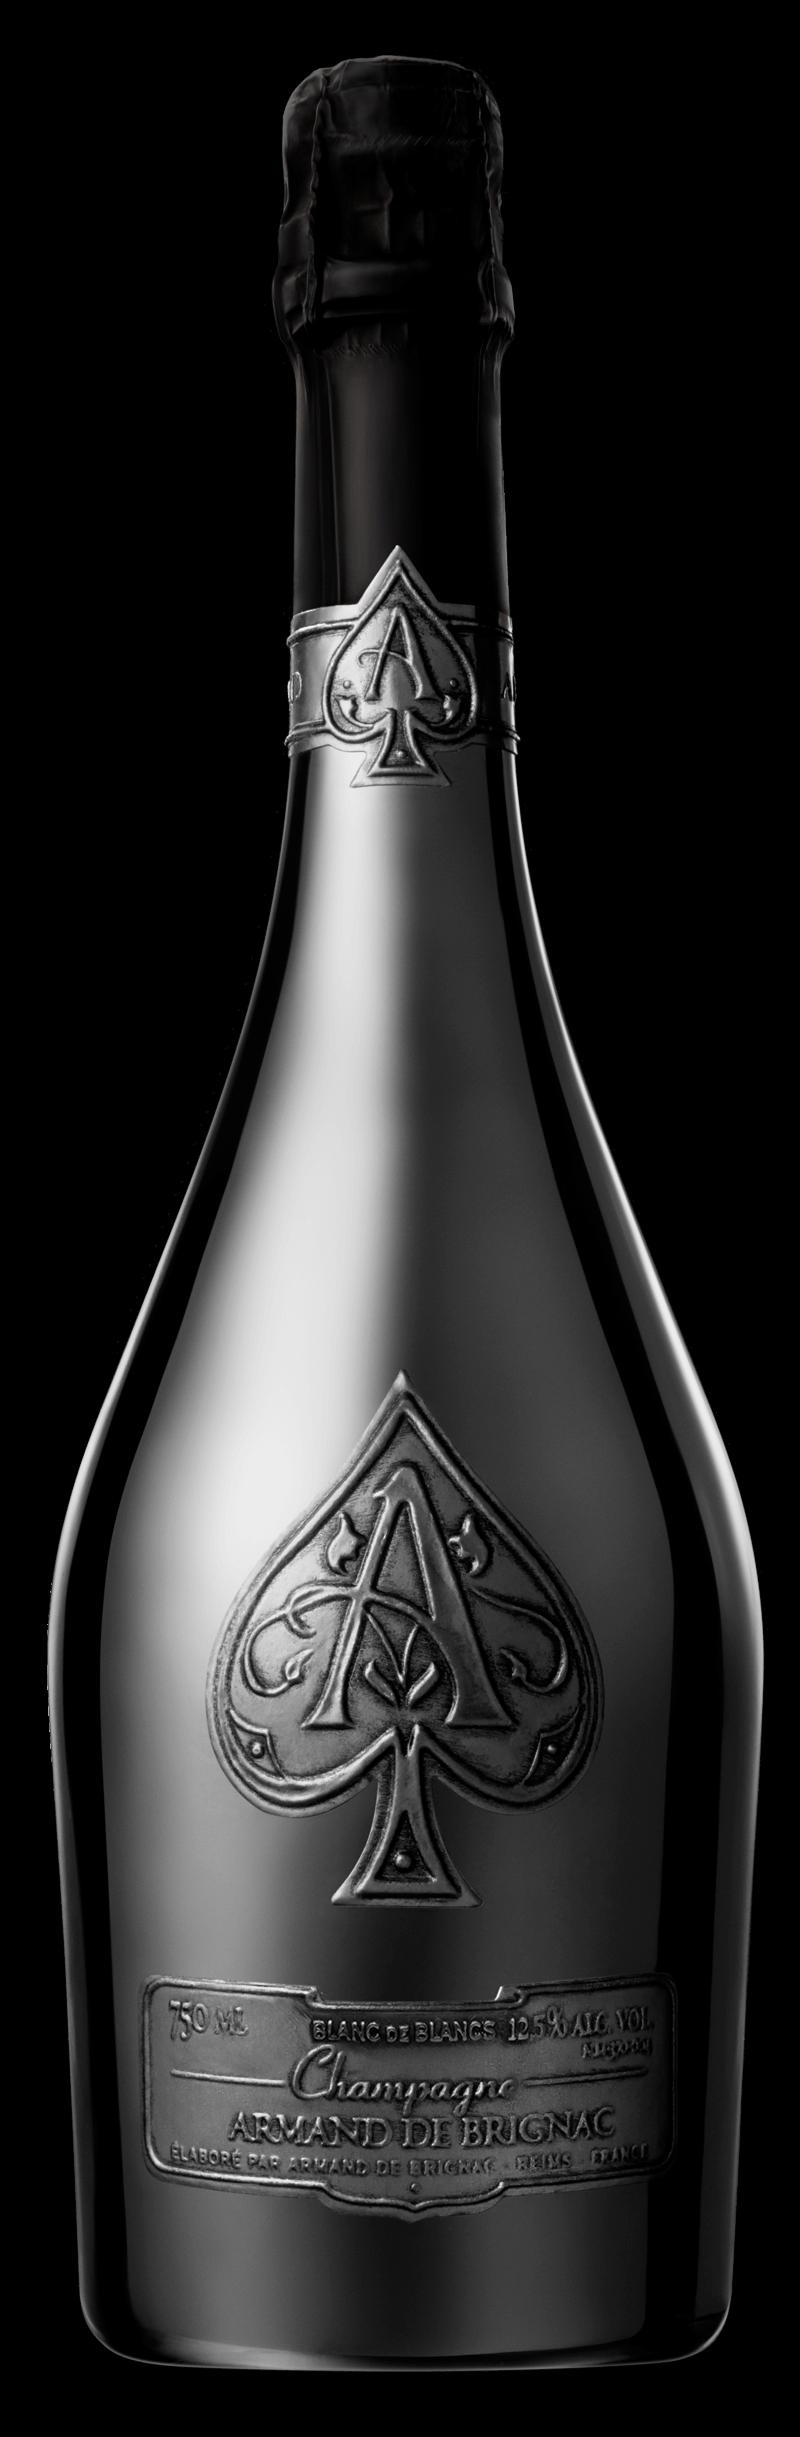 ブラン・ド・ブラン - Armand de Brignac Champagne